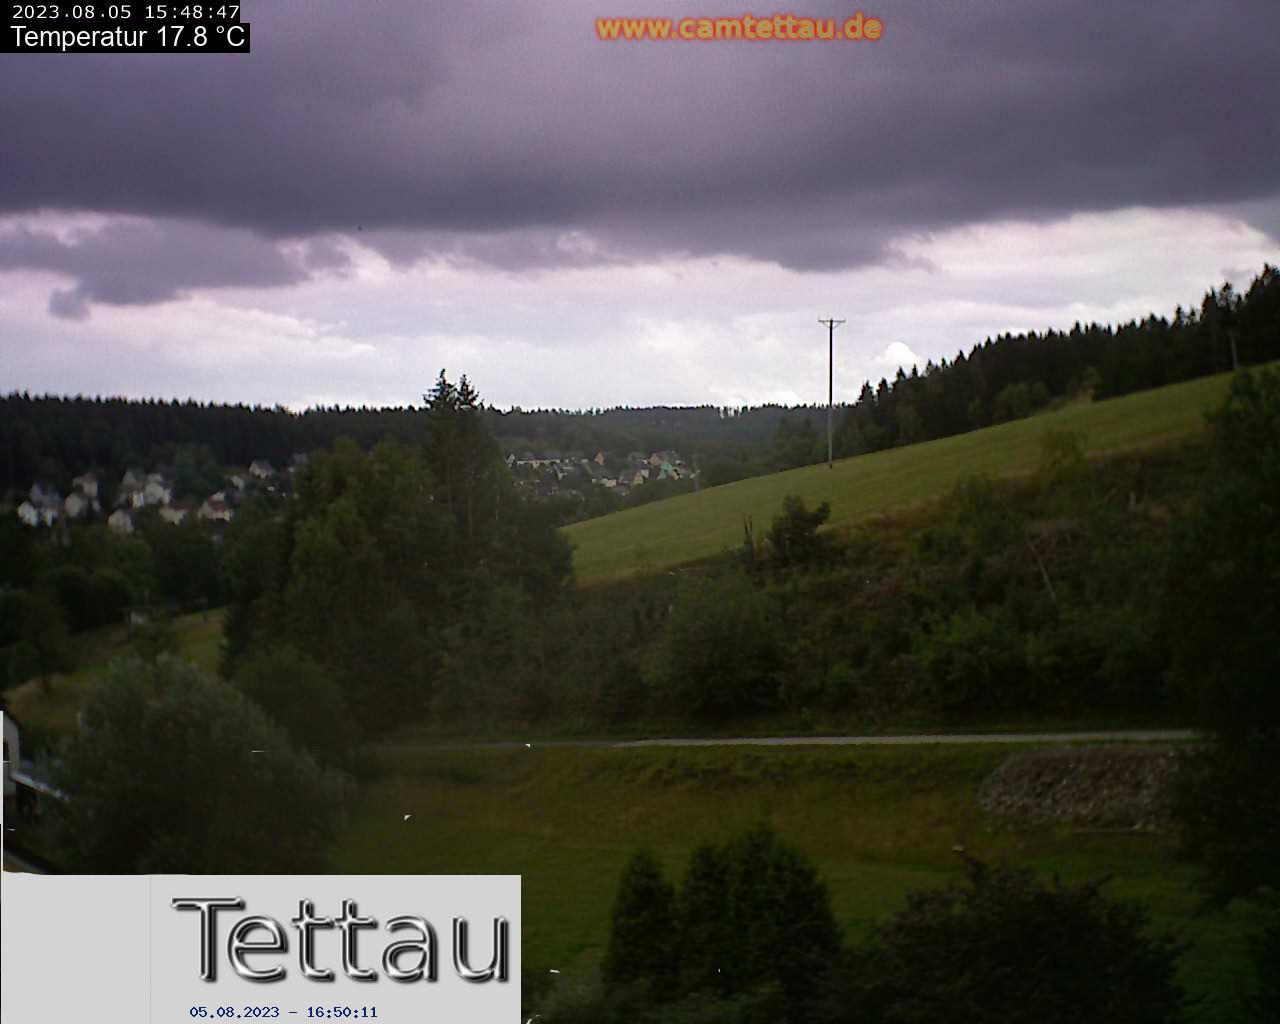 Tettau (Bavaria) Tue. 16:55